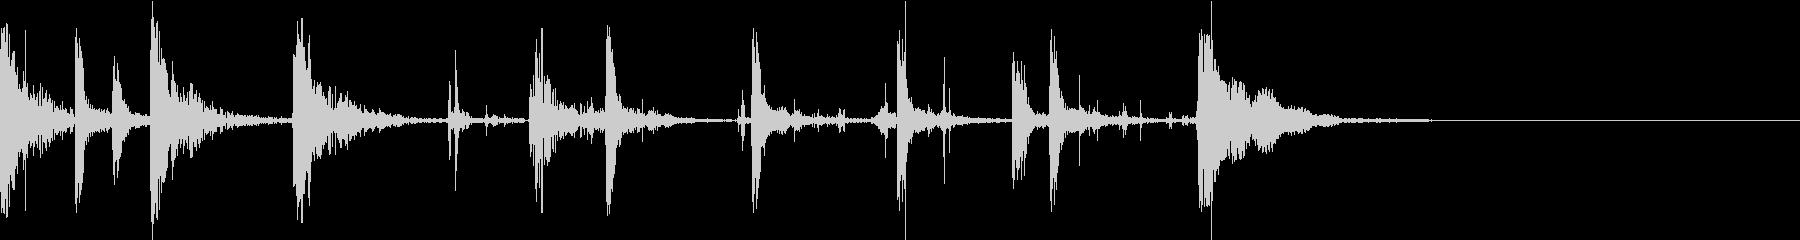 太鼓と足音で家から出て行く足音を表現の未再生の波形